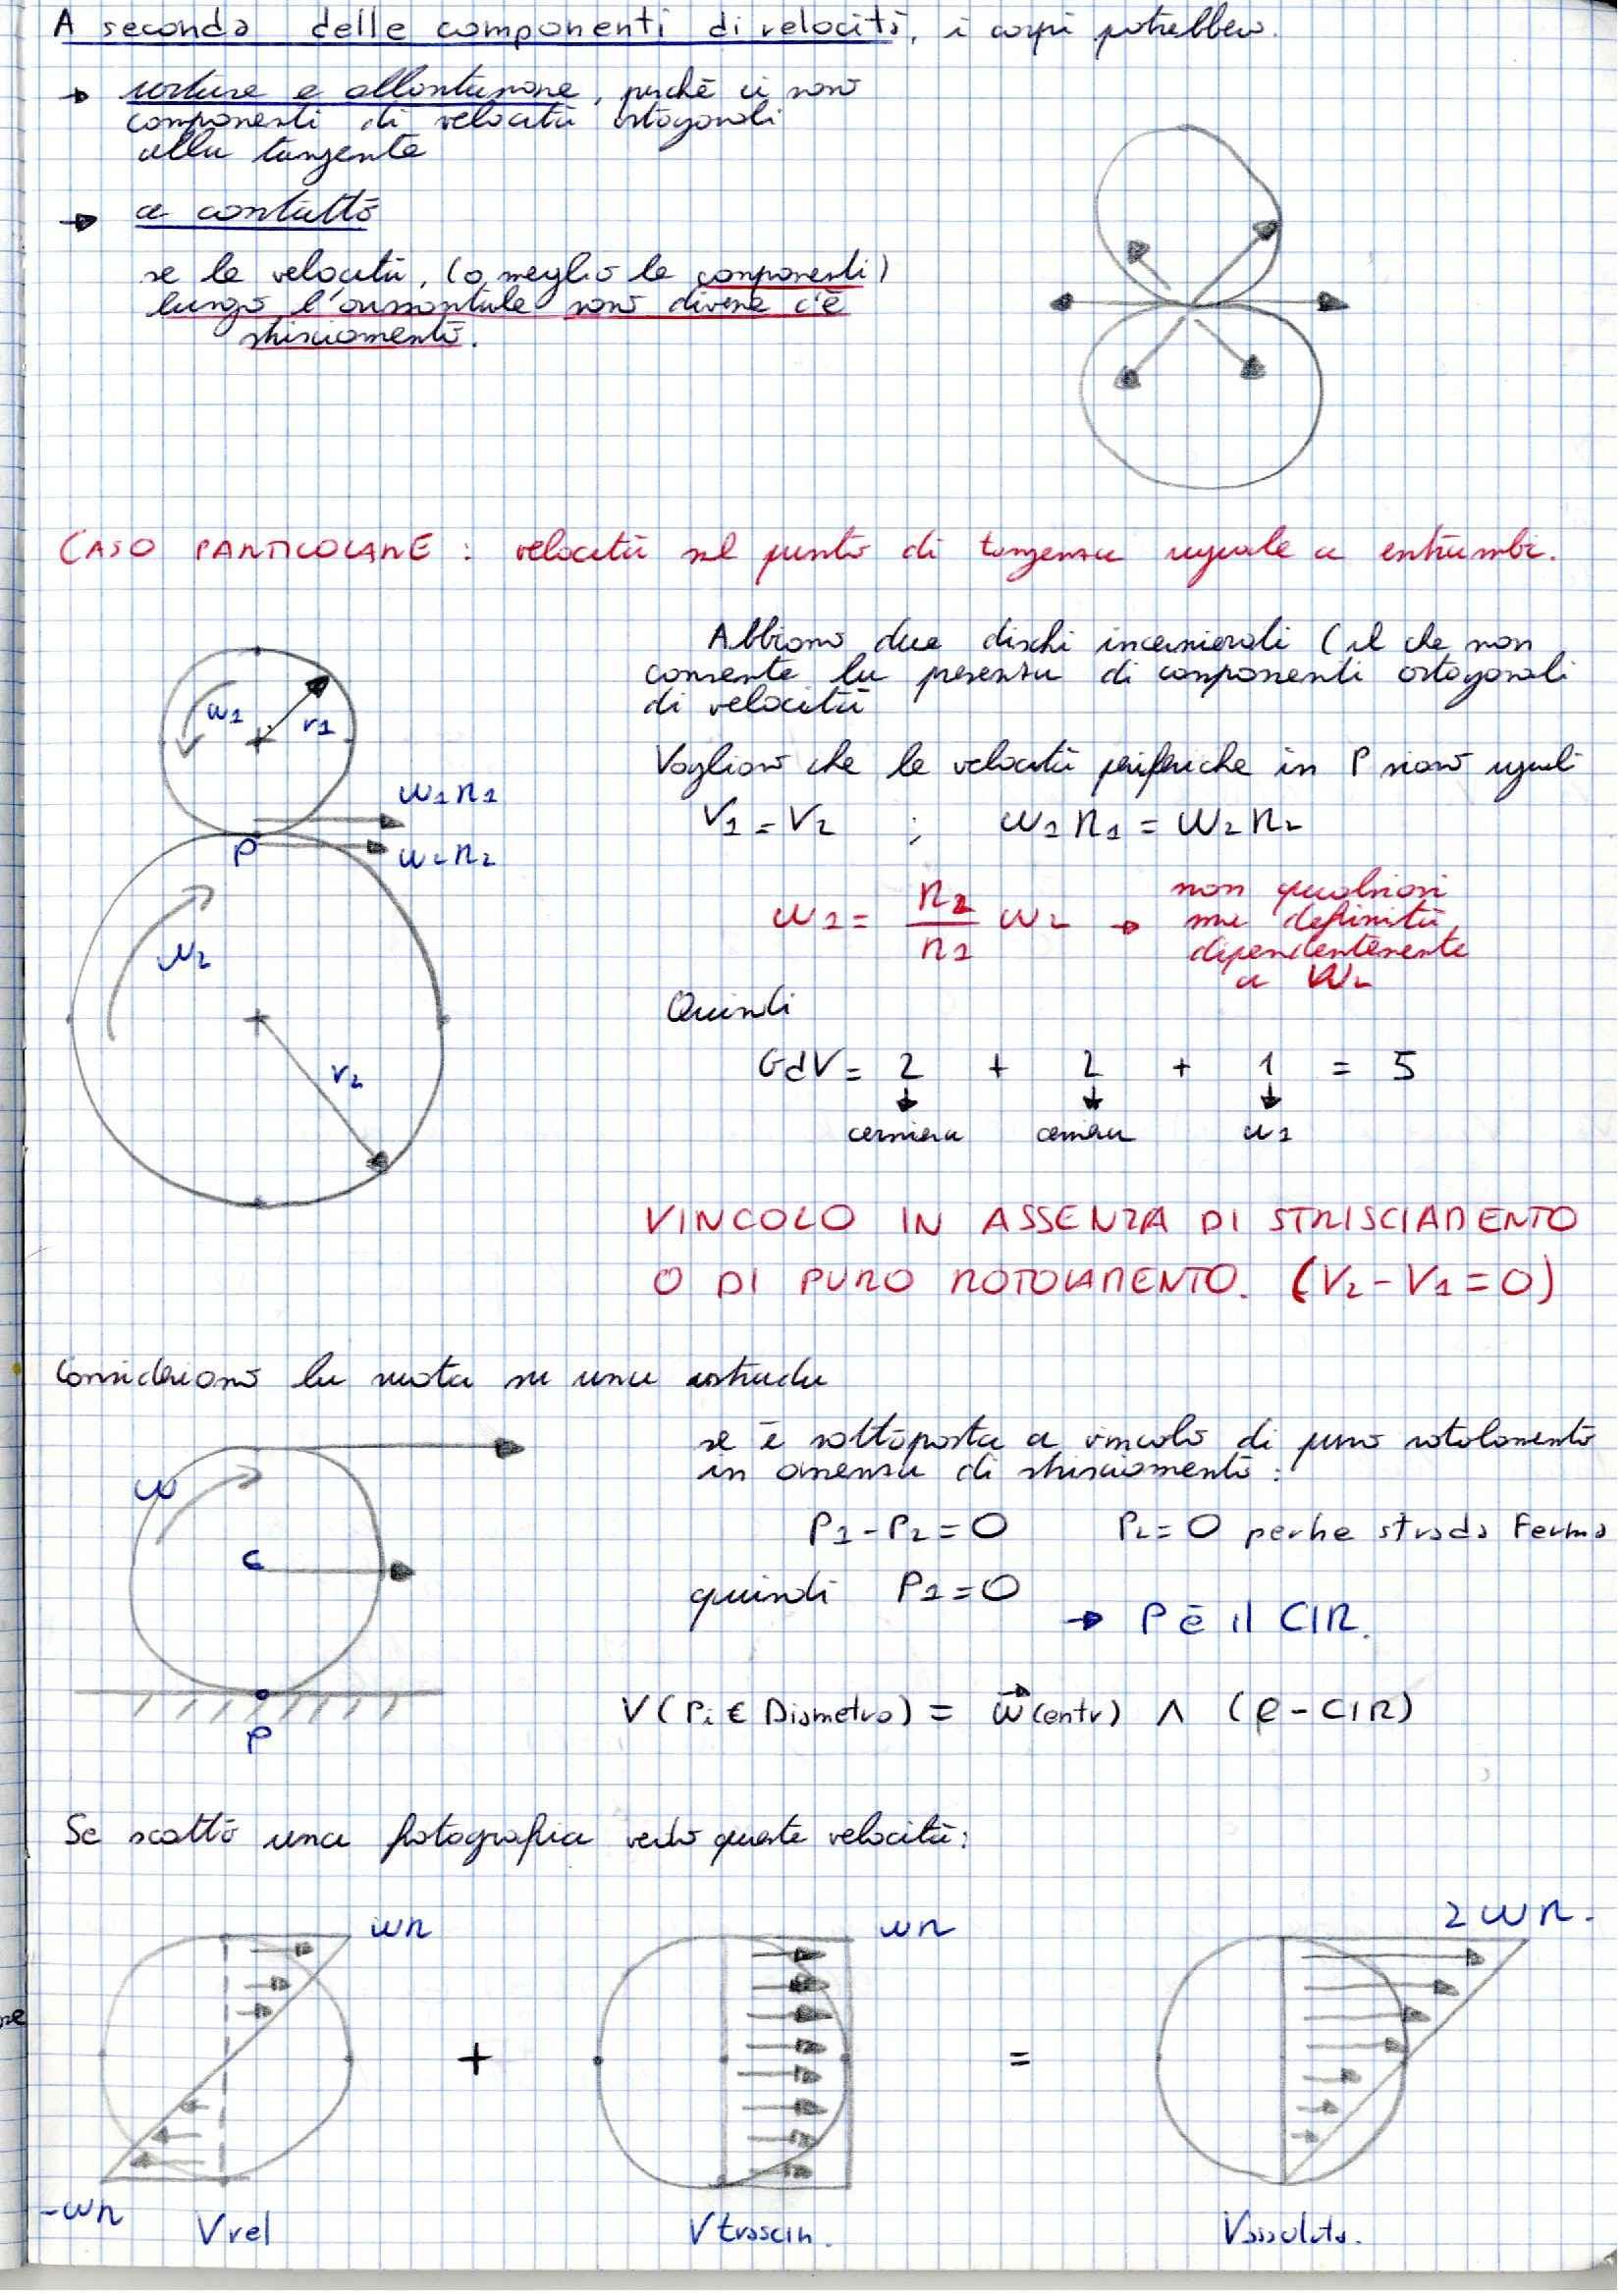 Meccanica applicata alle macchine -  Appunti (prima parte) Pag. 31